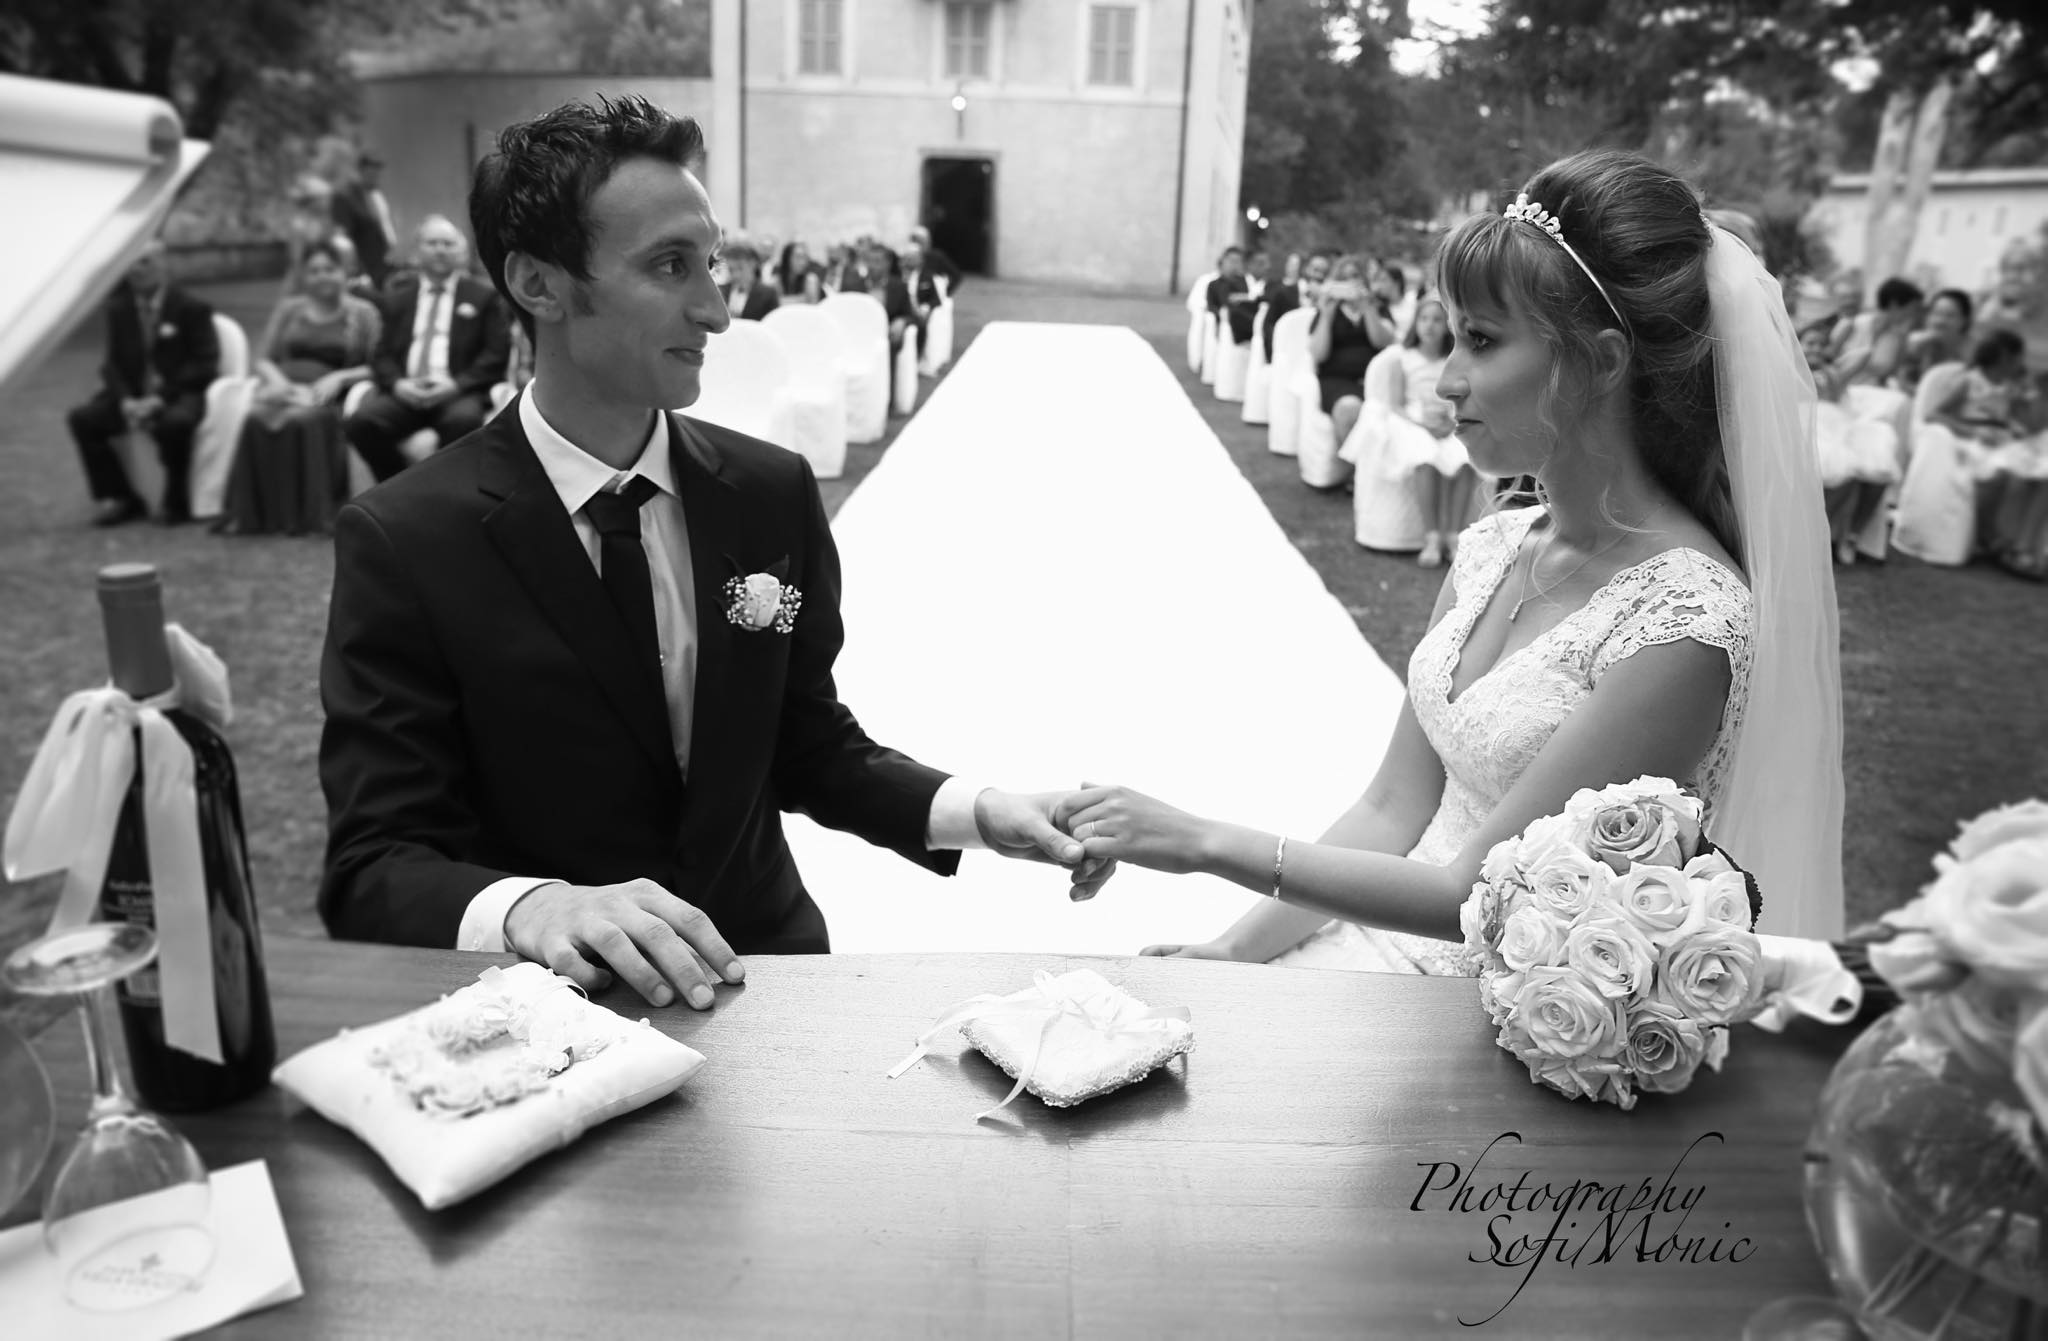 Фото 13 свадьба на вилле в Италии | Элеонора и Фабио | ведущая свадьбы в Италии - Катрин Моро